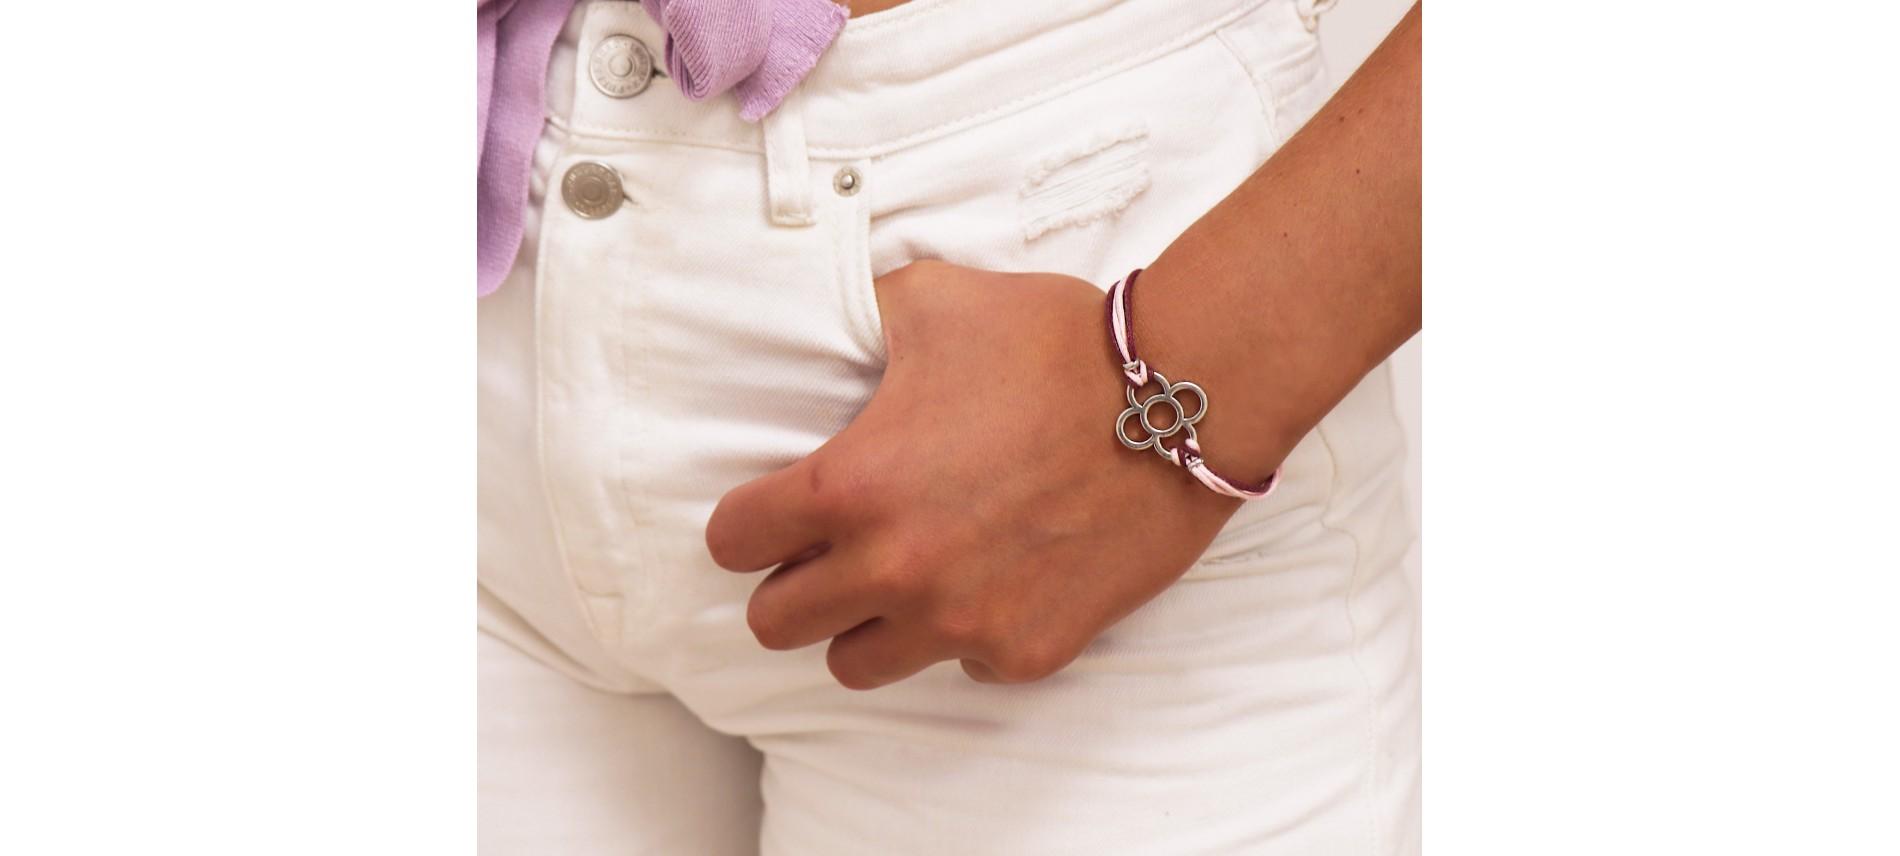 Comprar pulseras con cordones | Cord-On Shop